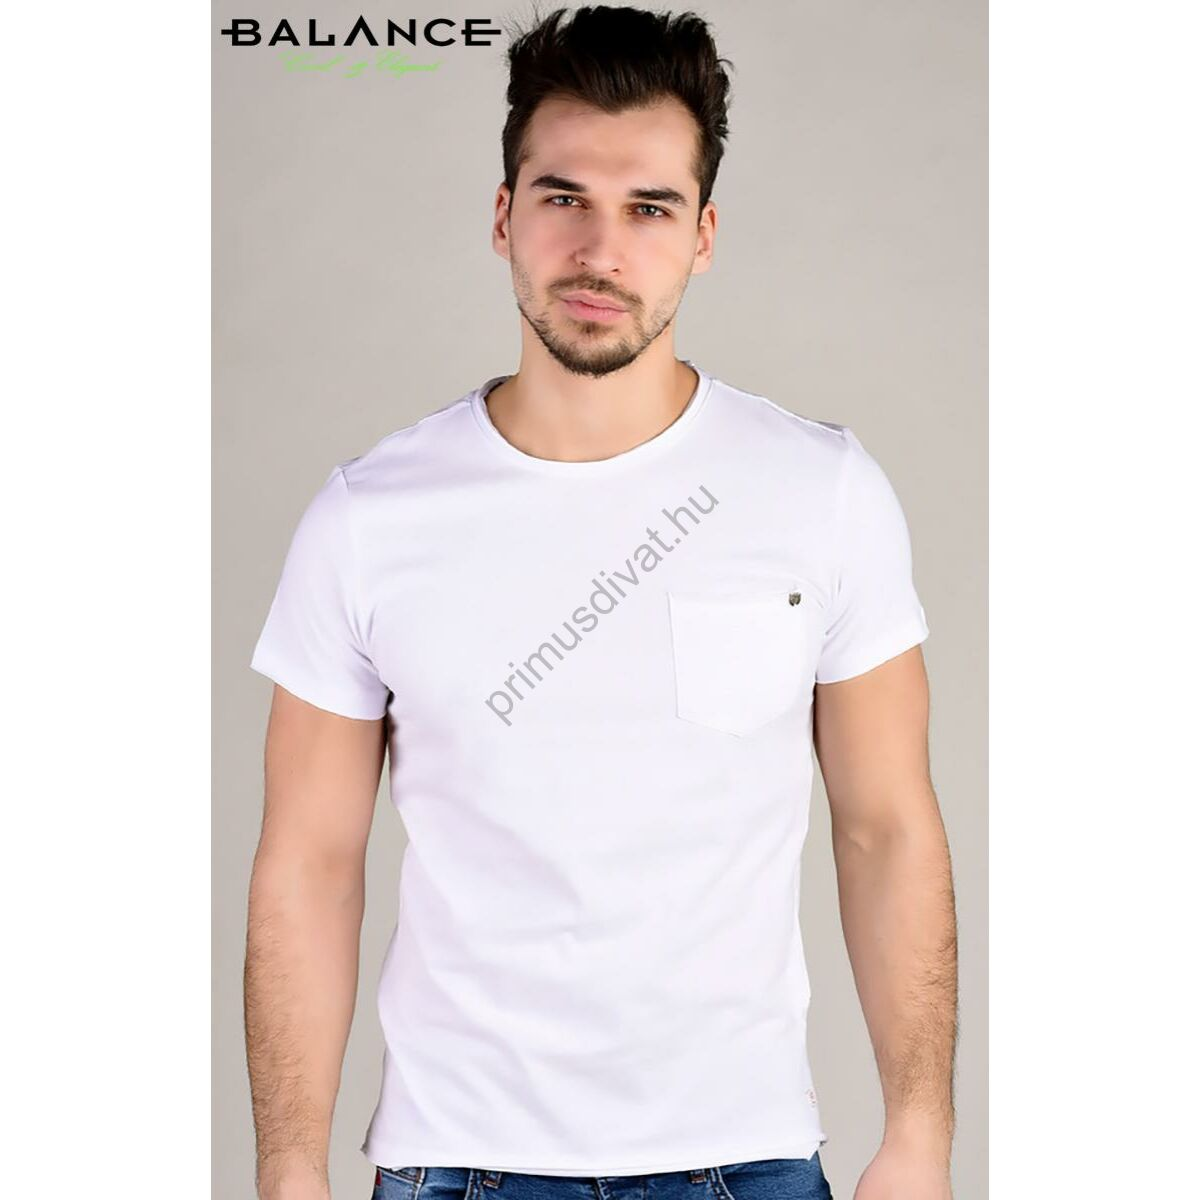 Balance kis zsebes fehér rövid ujjú póló felpöndörödő nyakkal f48b259c74